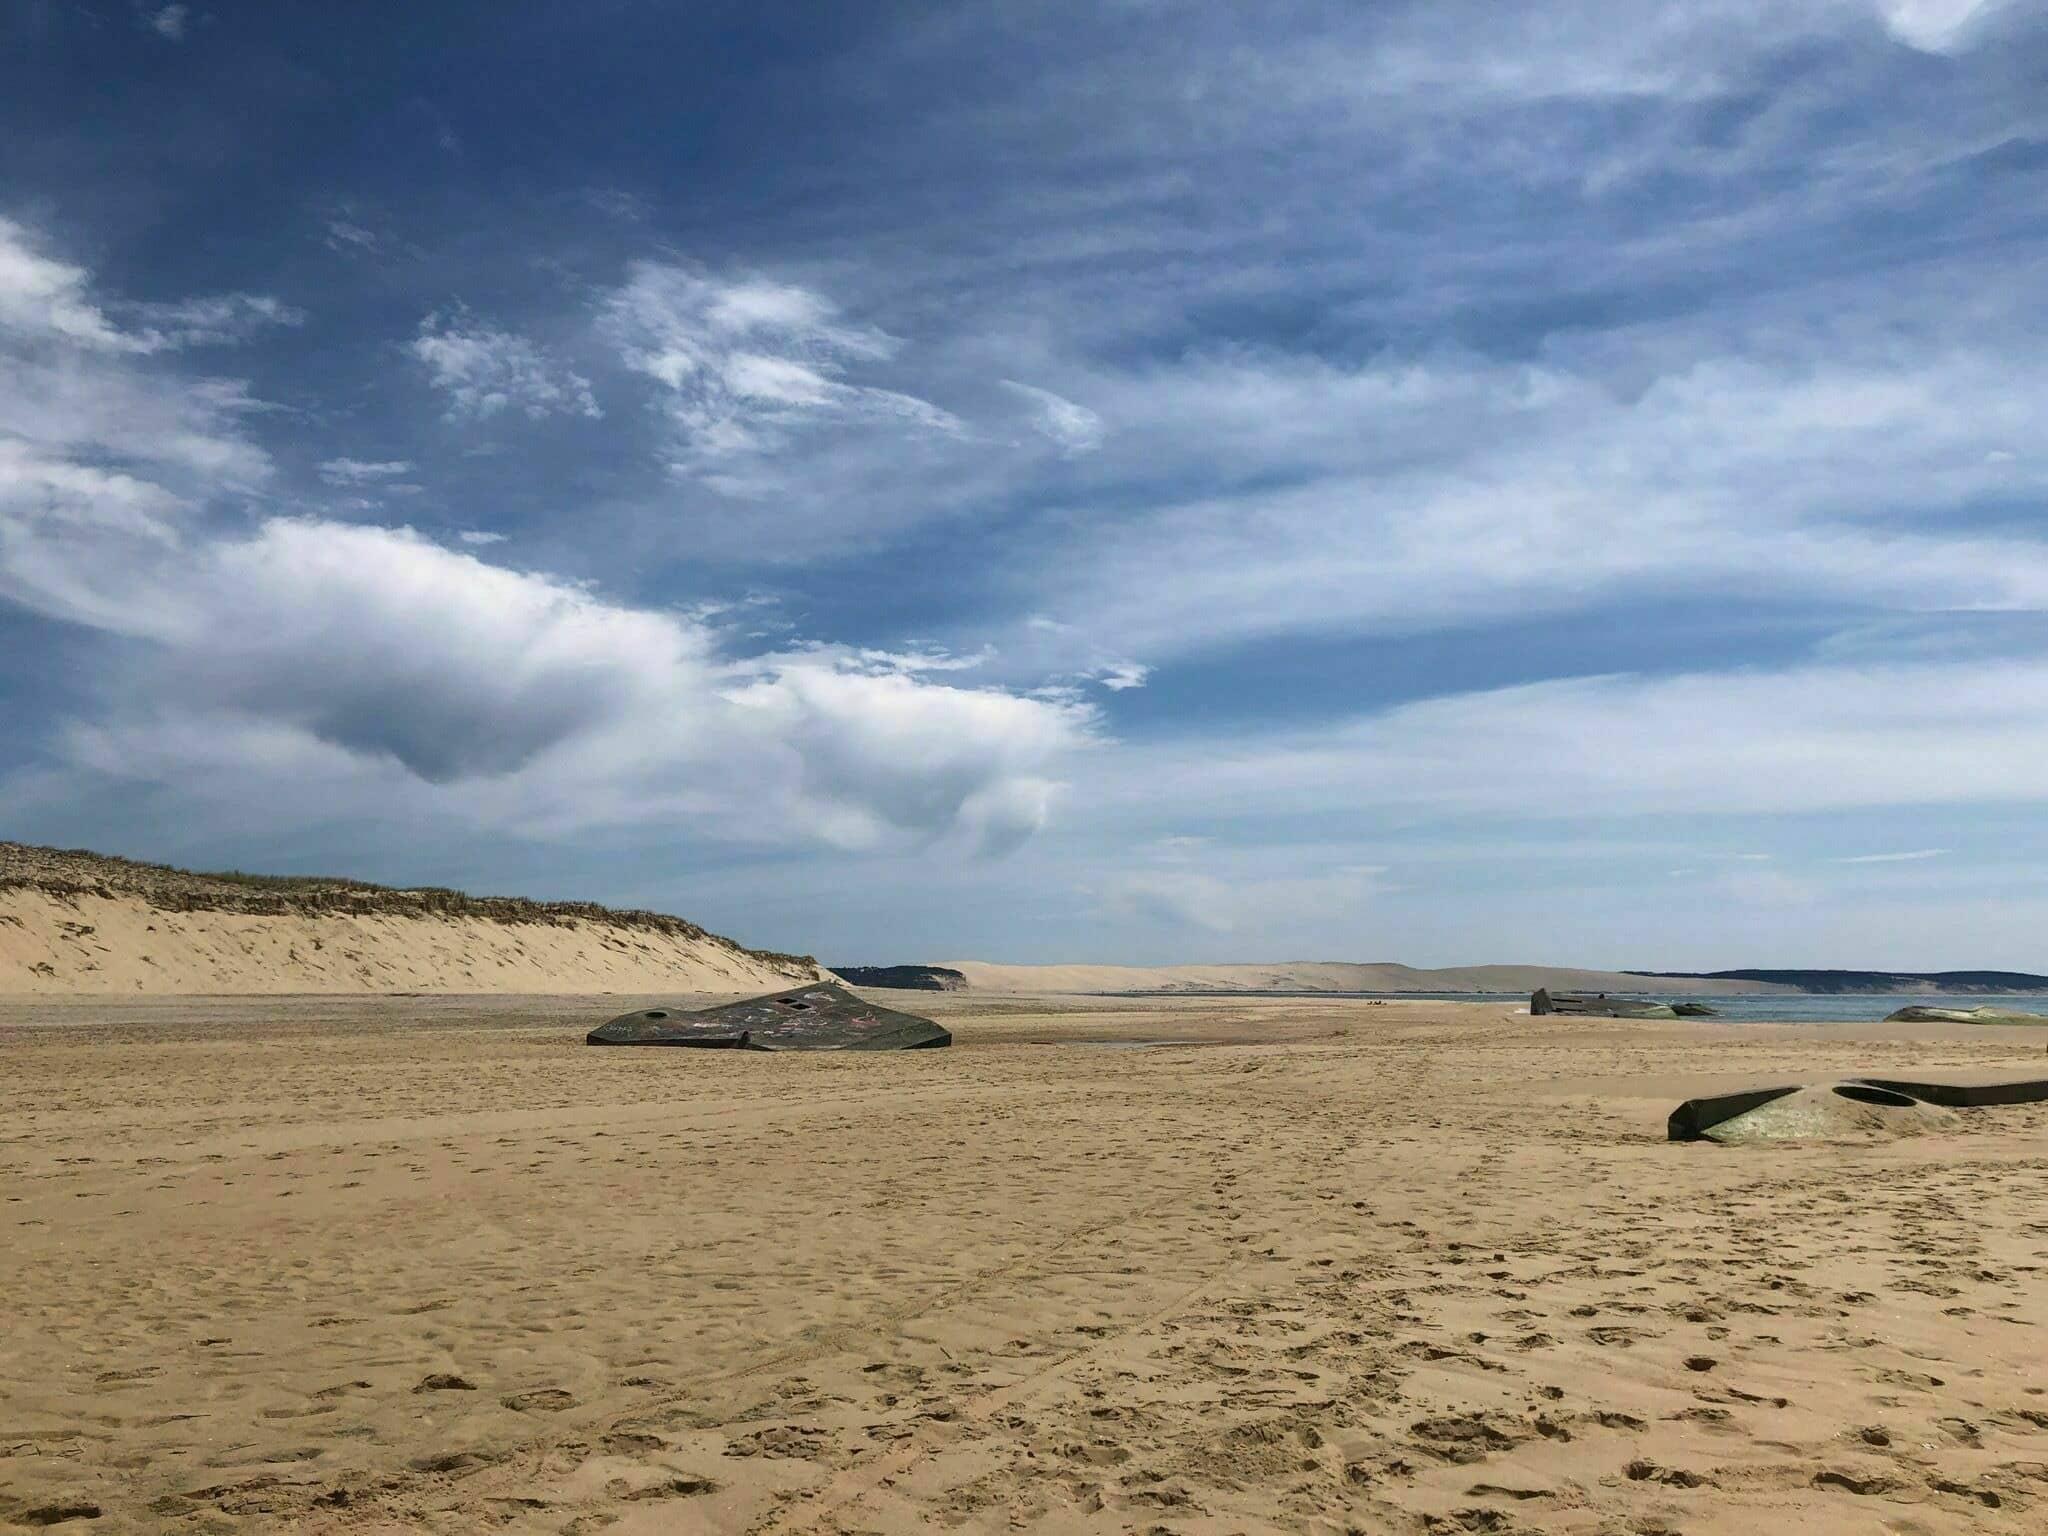 Randonnée Gironde : Le tour du Cap-Ferret